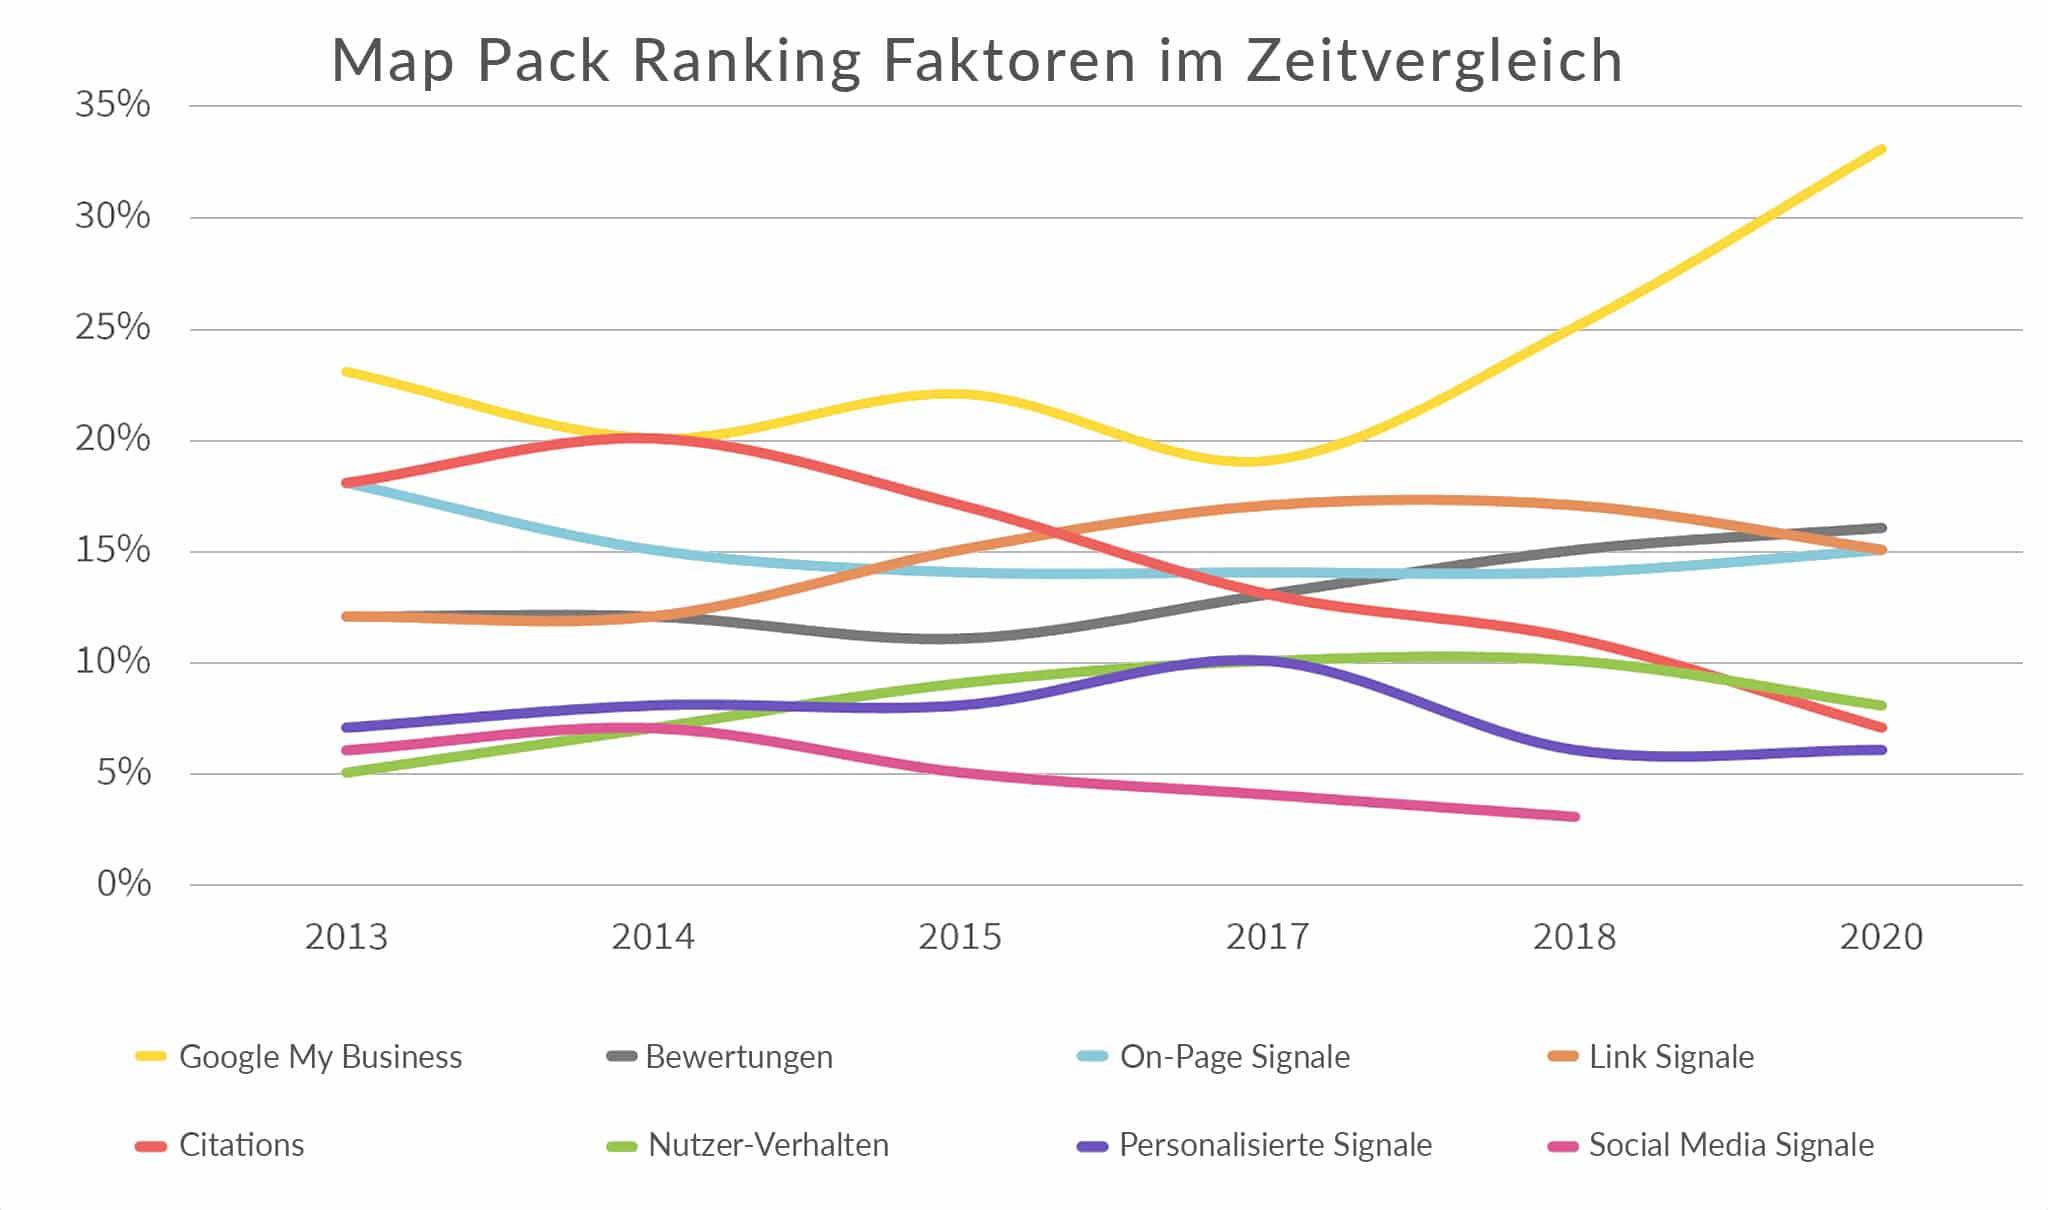 https://www.netzpunkte.de/wp-content/uploads/2021/02/netzpunkte-google-ranking-faktoren-map-pack-zeitvergleich-A.jpg